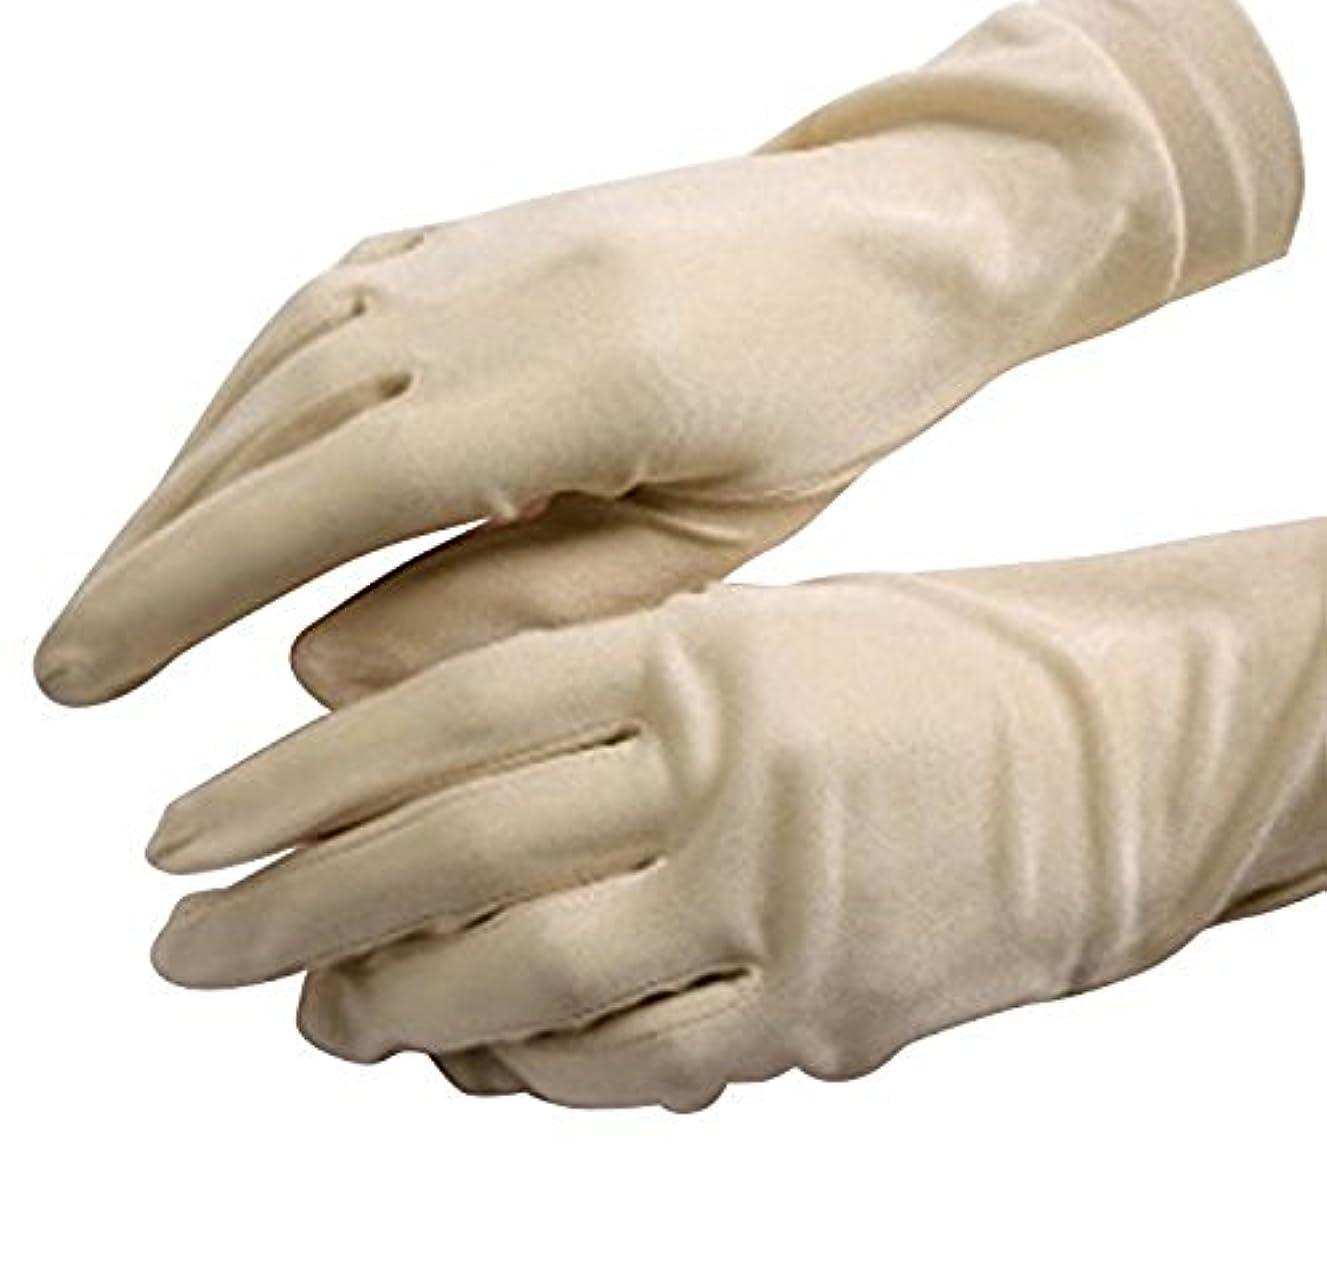 わざわざかんがい修士号CREPUSCOLO 手荒れ対策! シルク手袋 おやすみ 手袋 保湿ケア UVカット ハンドケア シルク100% 全7色 (ベージュ)